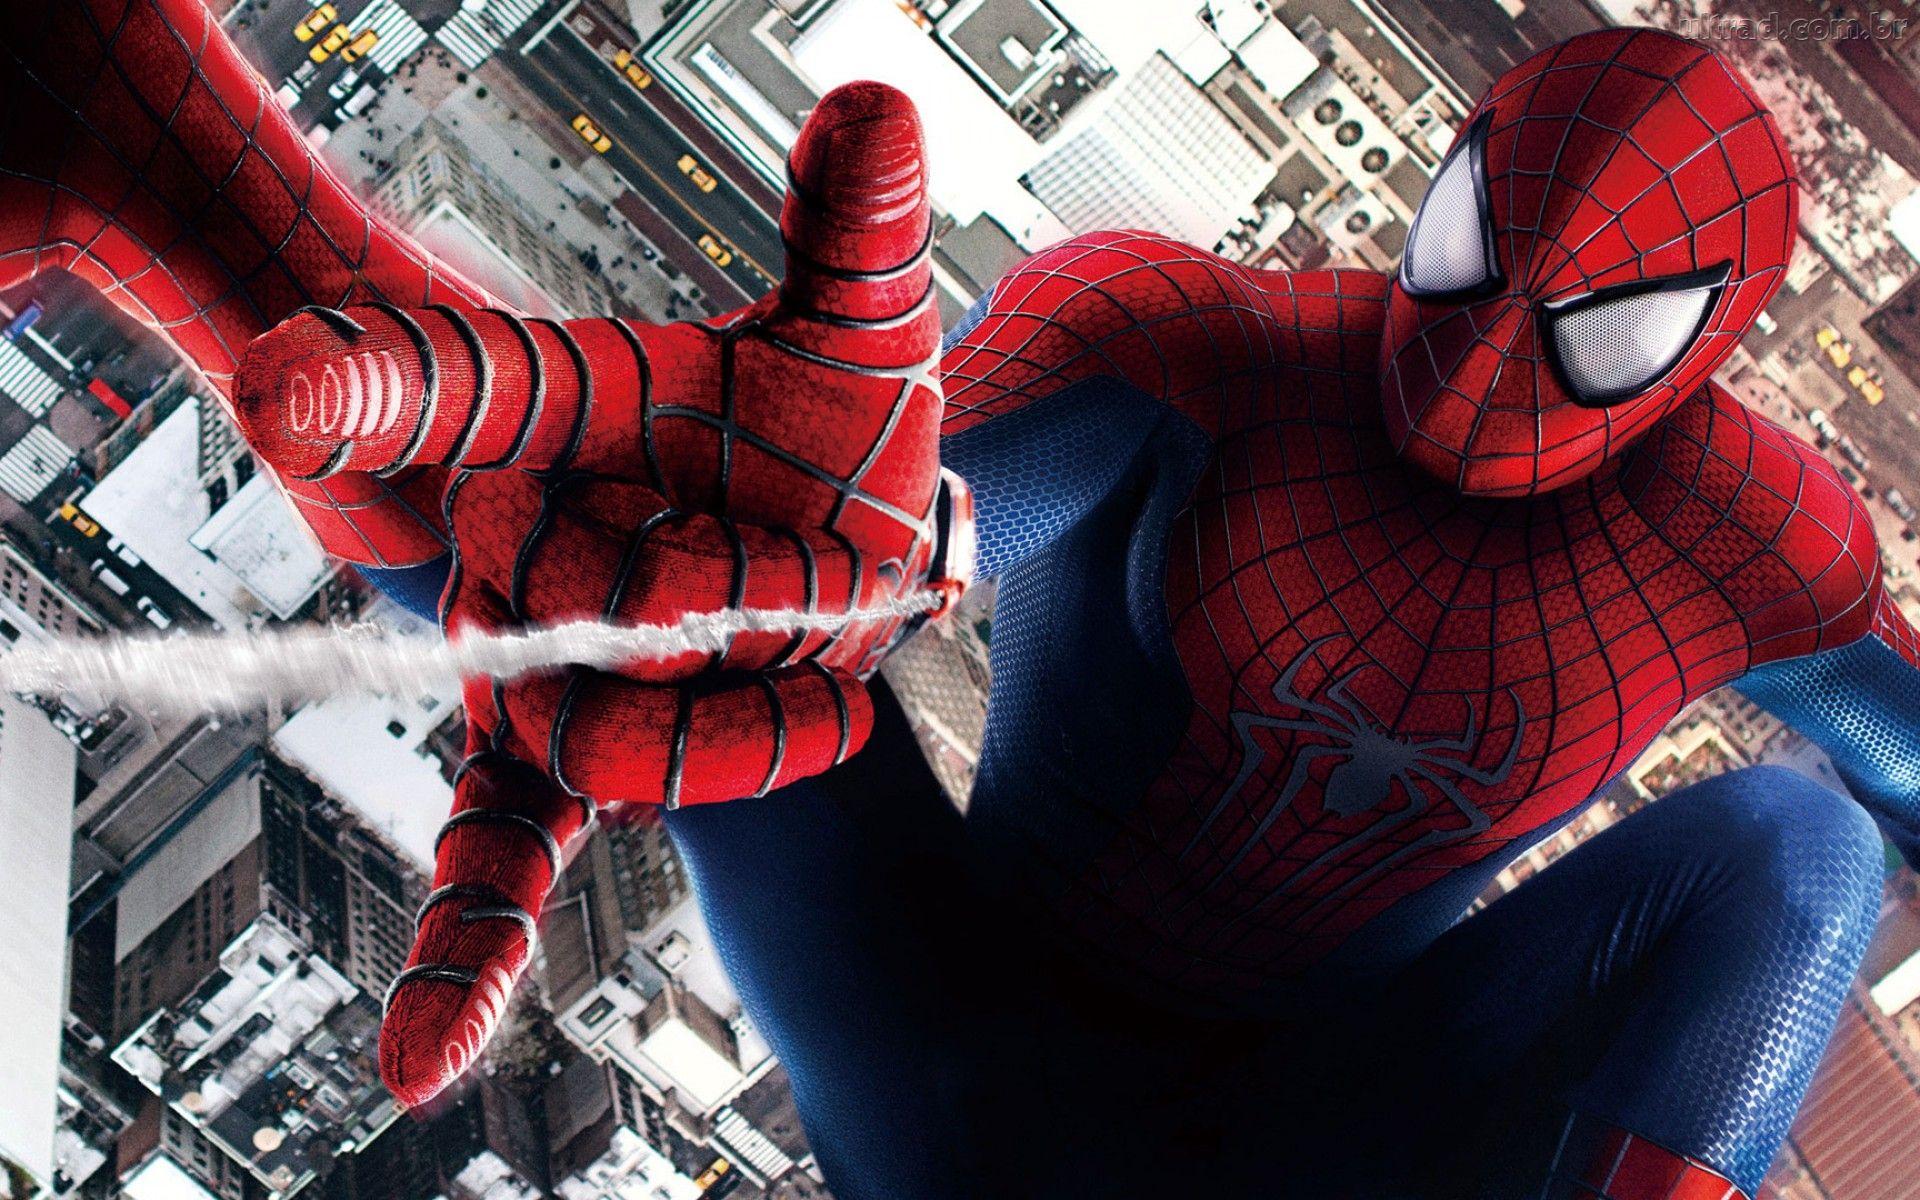 Kevin feige diz que filme homem aranha ser 225 inspirado nos filmes de